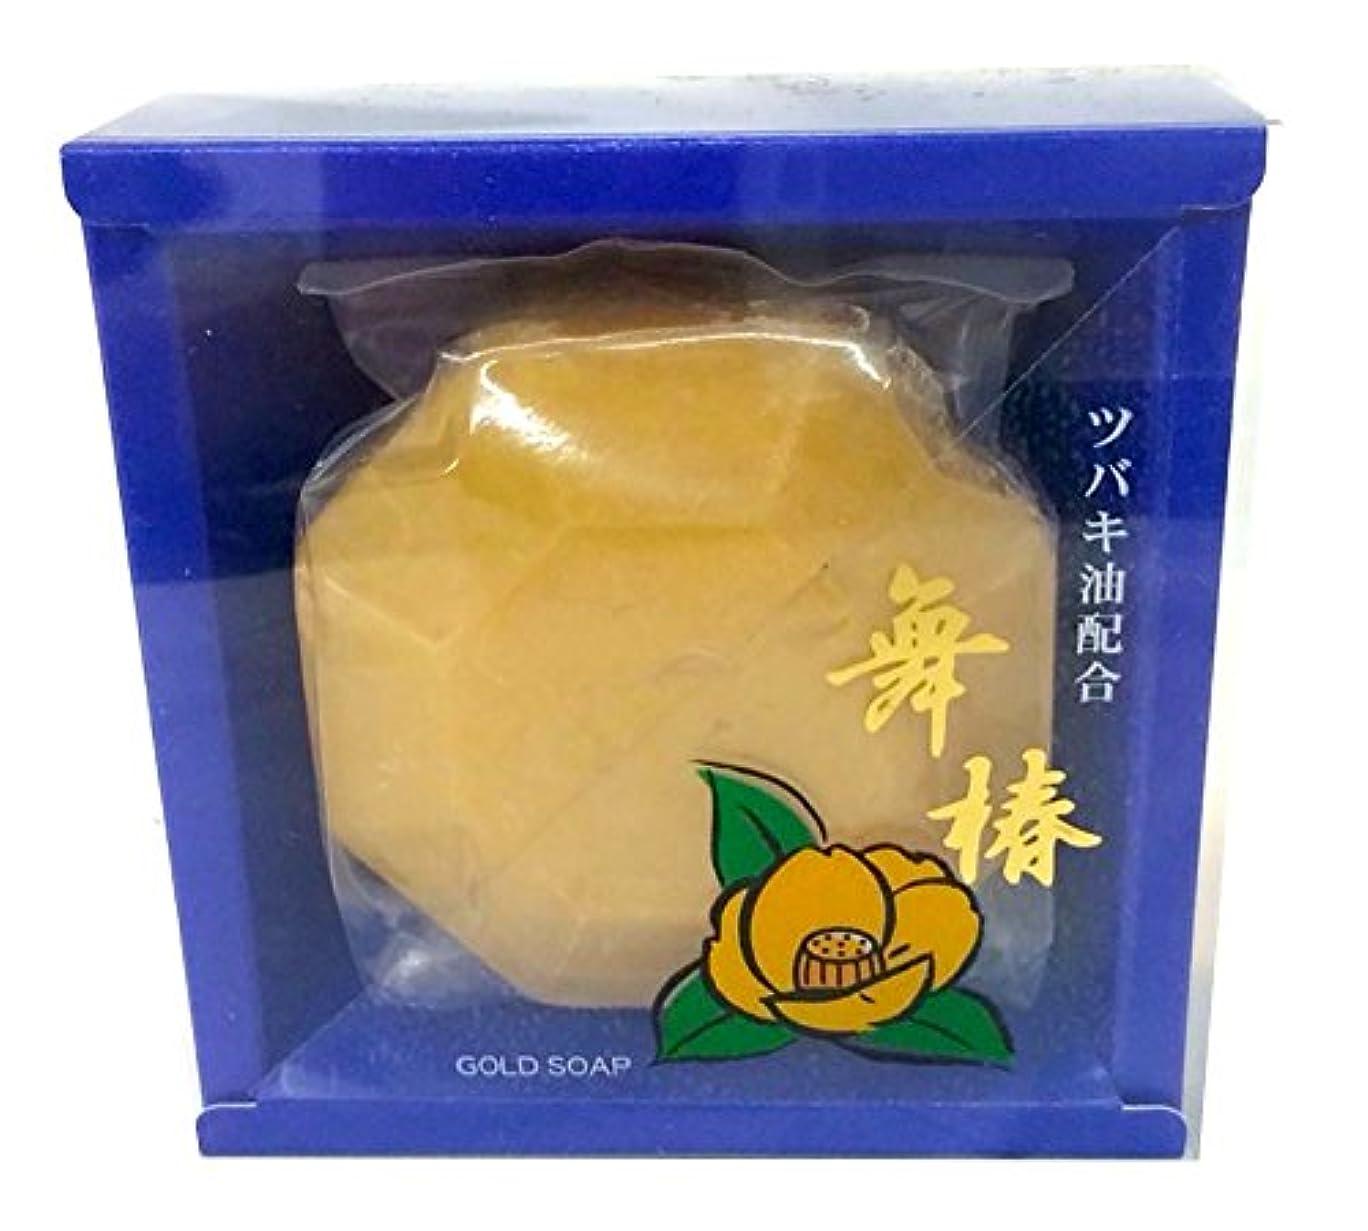 マチュピチュヘッジ賢明な舞椿ゴールドソープ (ツバキオイル配合)110g